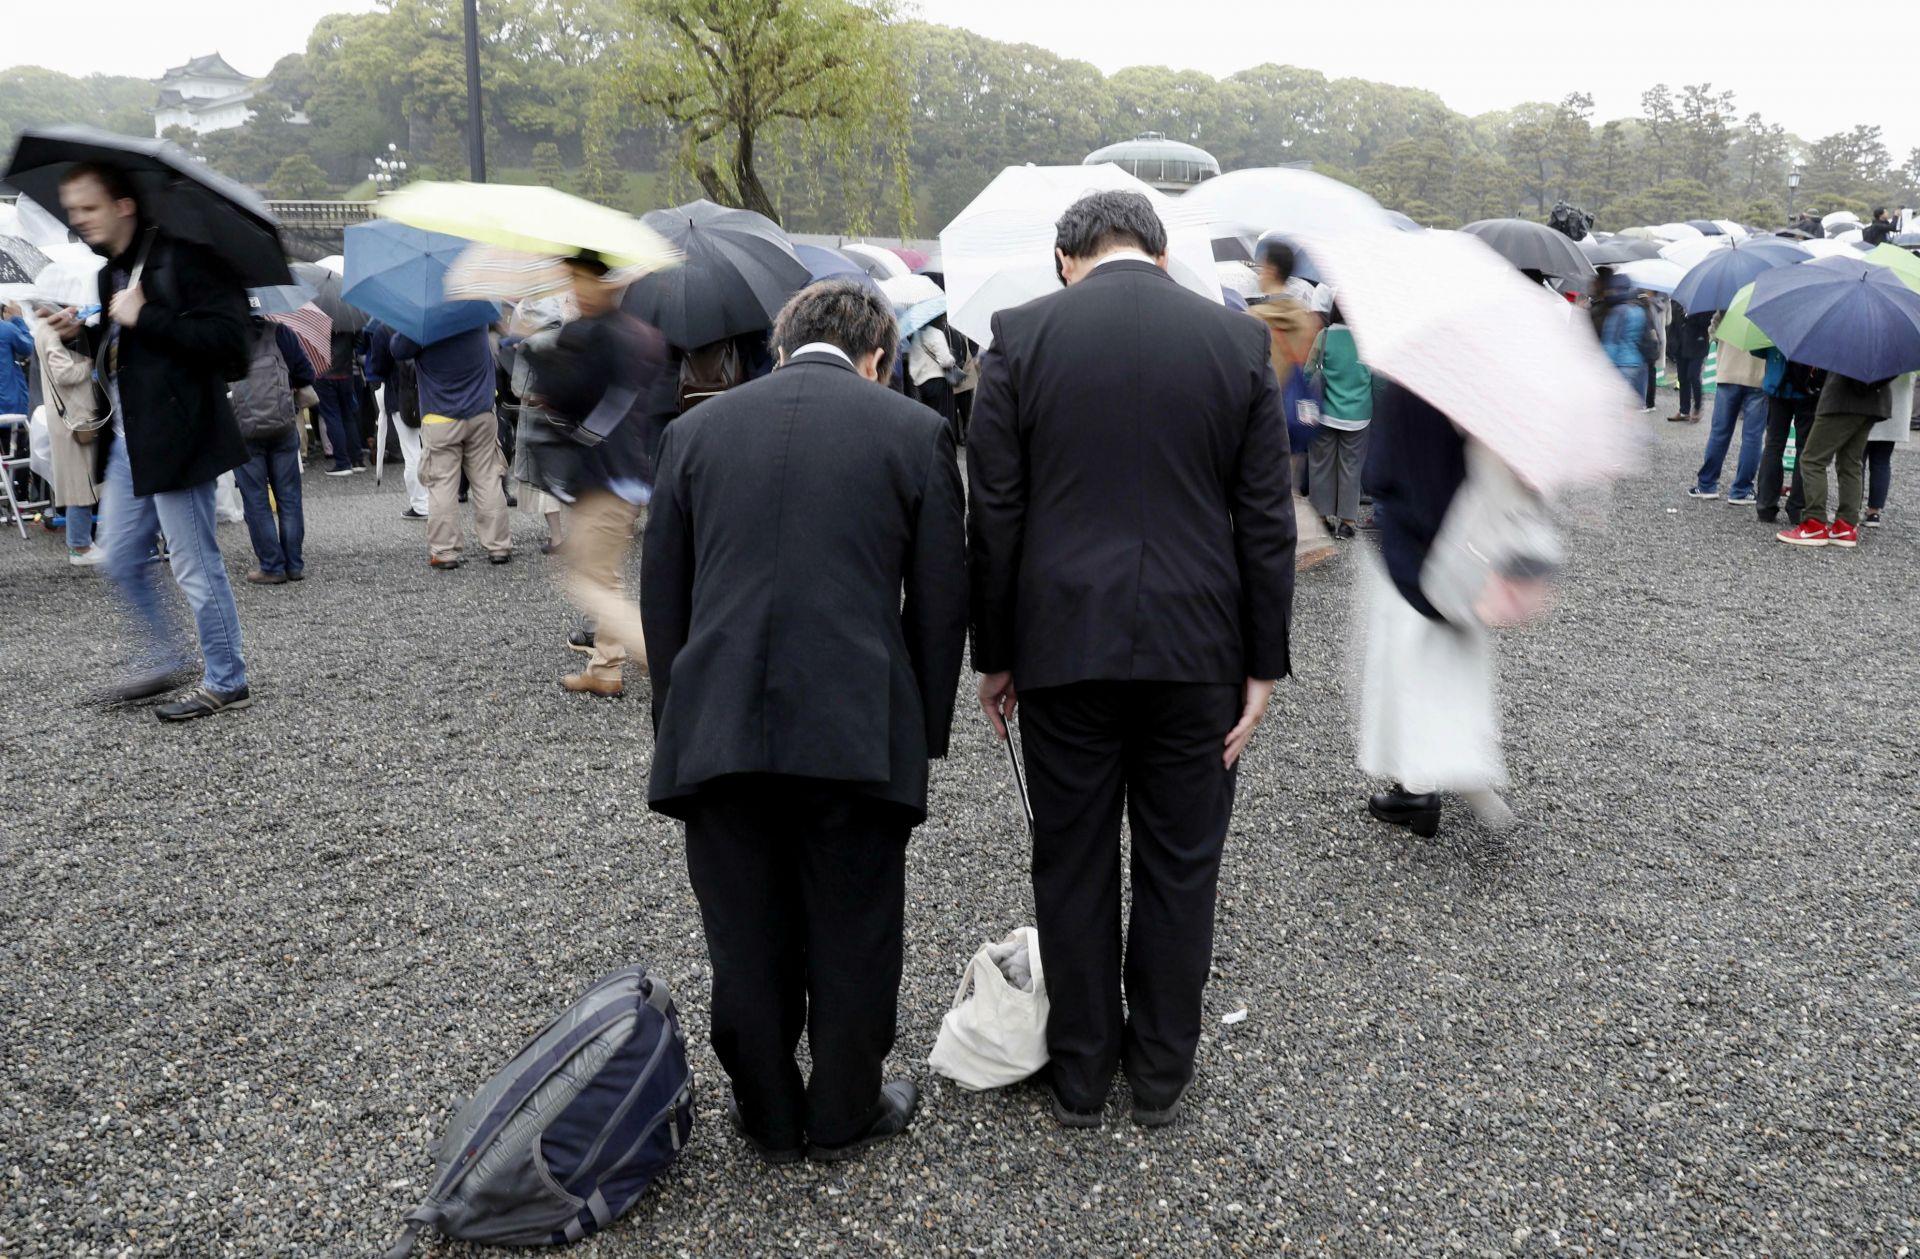 Хората се покланят към императорския дворец по време на церемонията по абдикацията на император Акихито